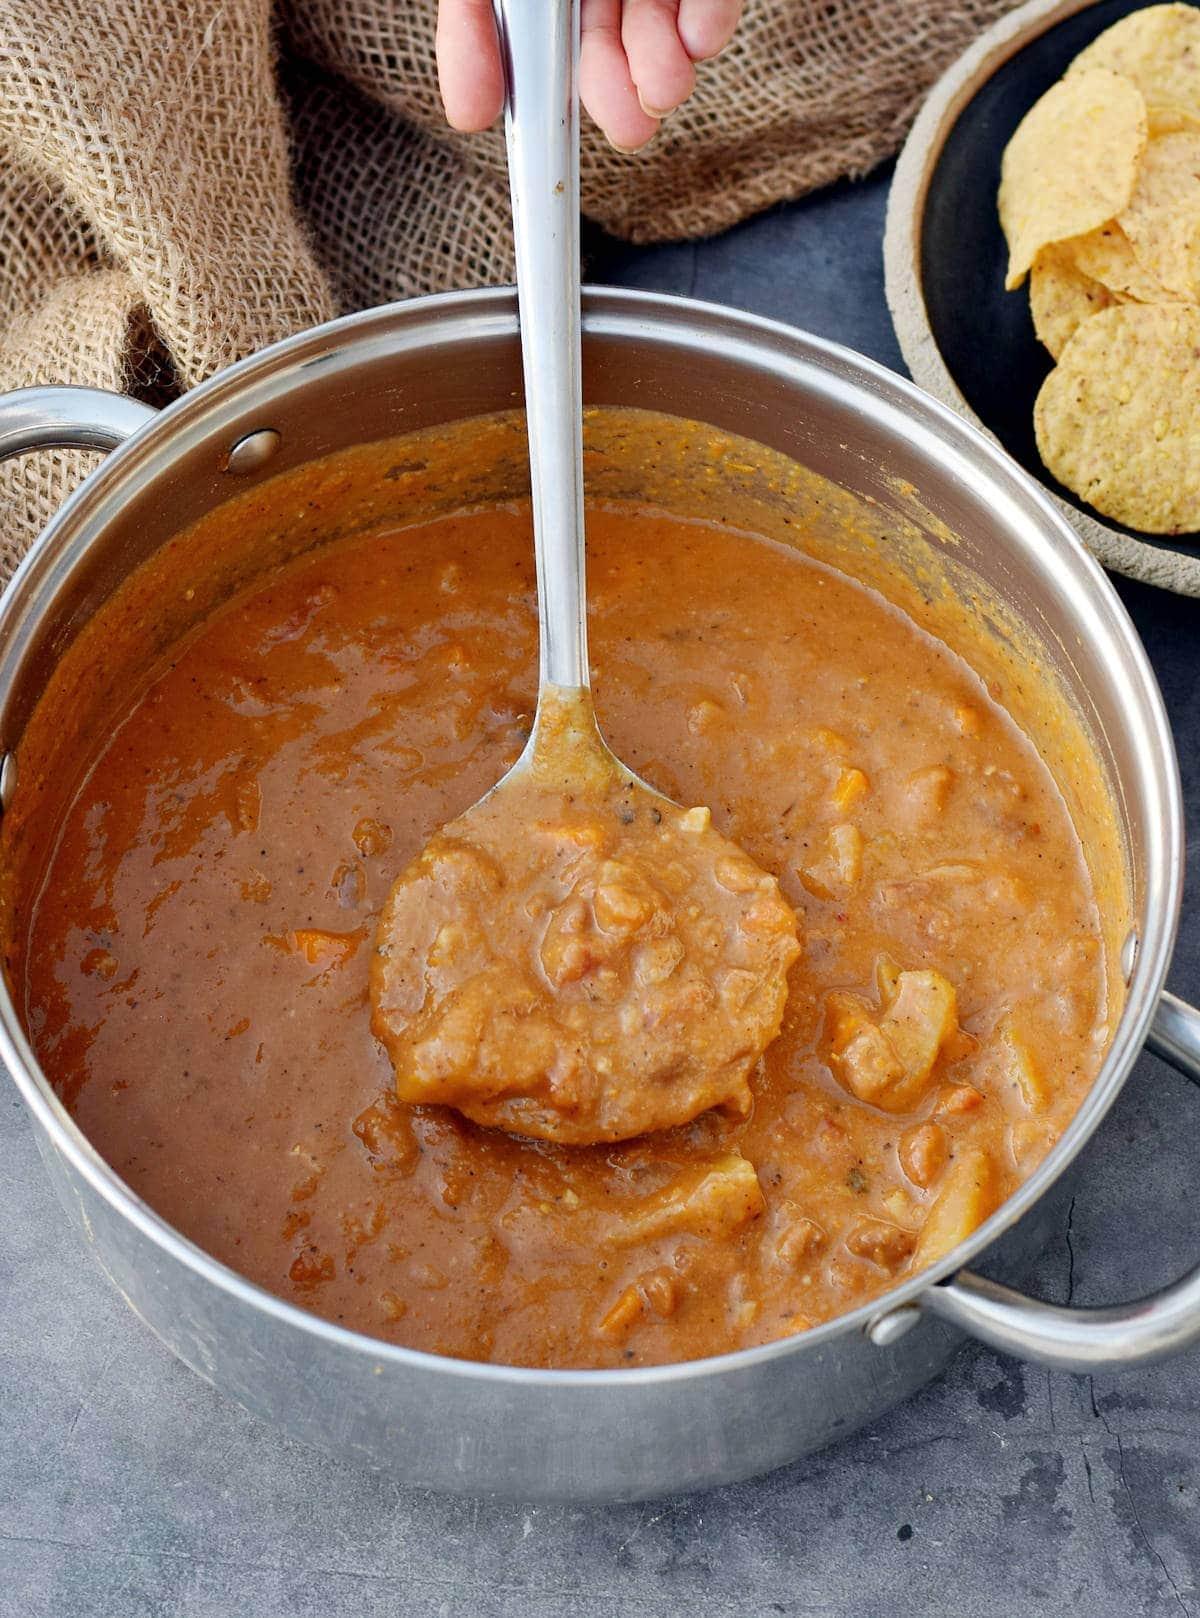 herzhafte mexikanische Bohnensuppe in großem Topf mit Schöpflöffel